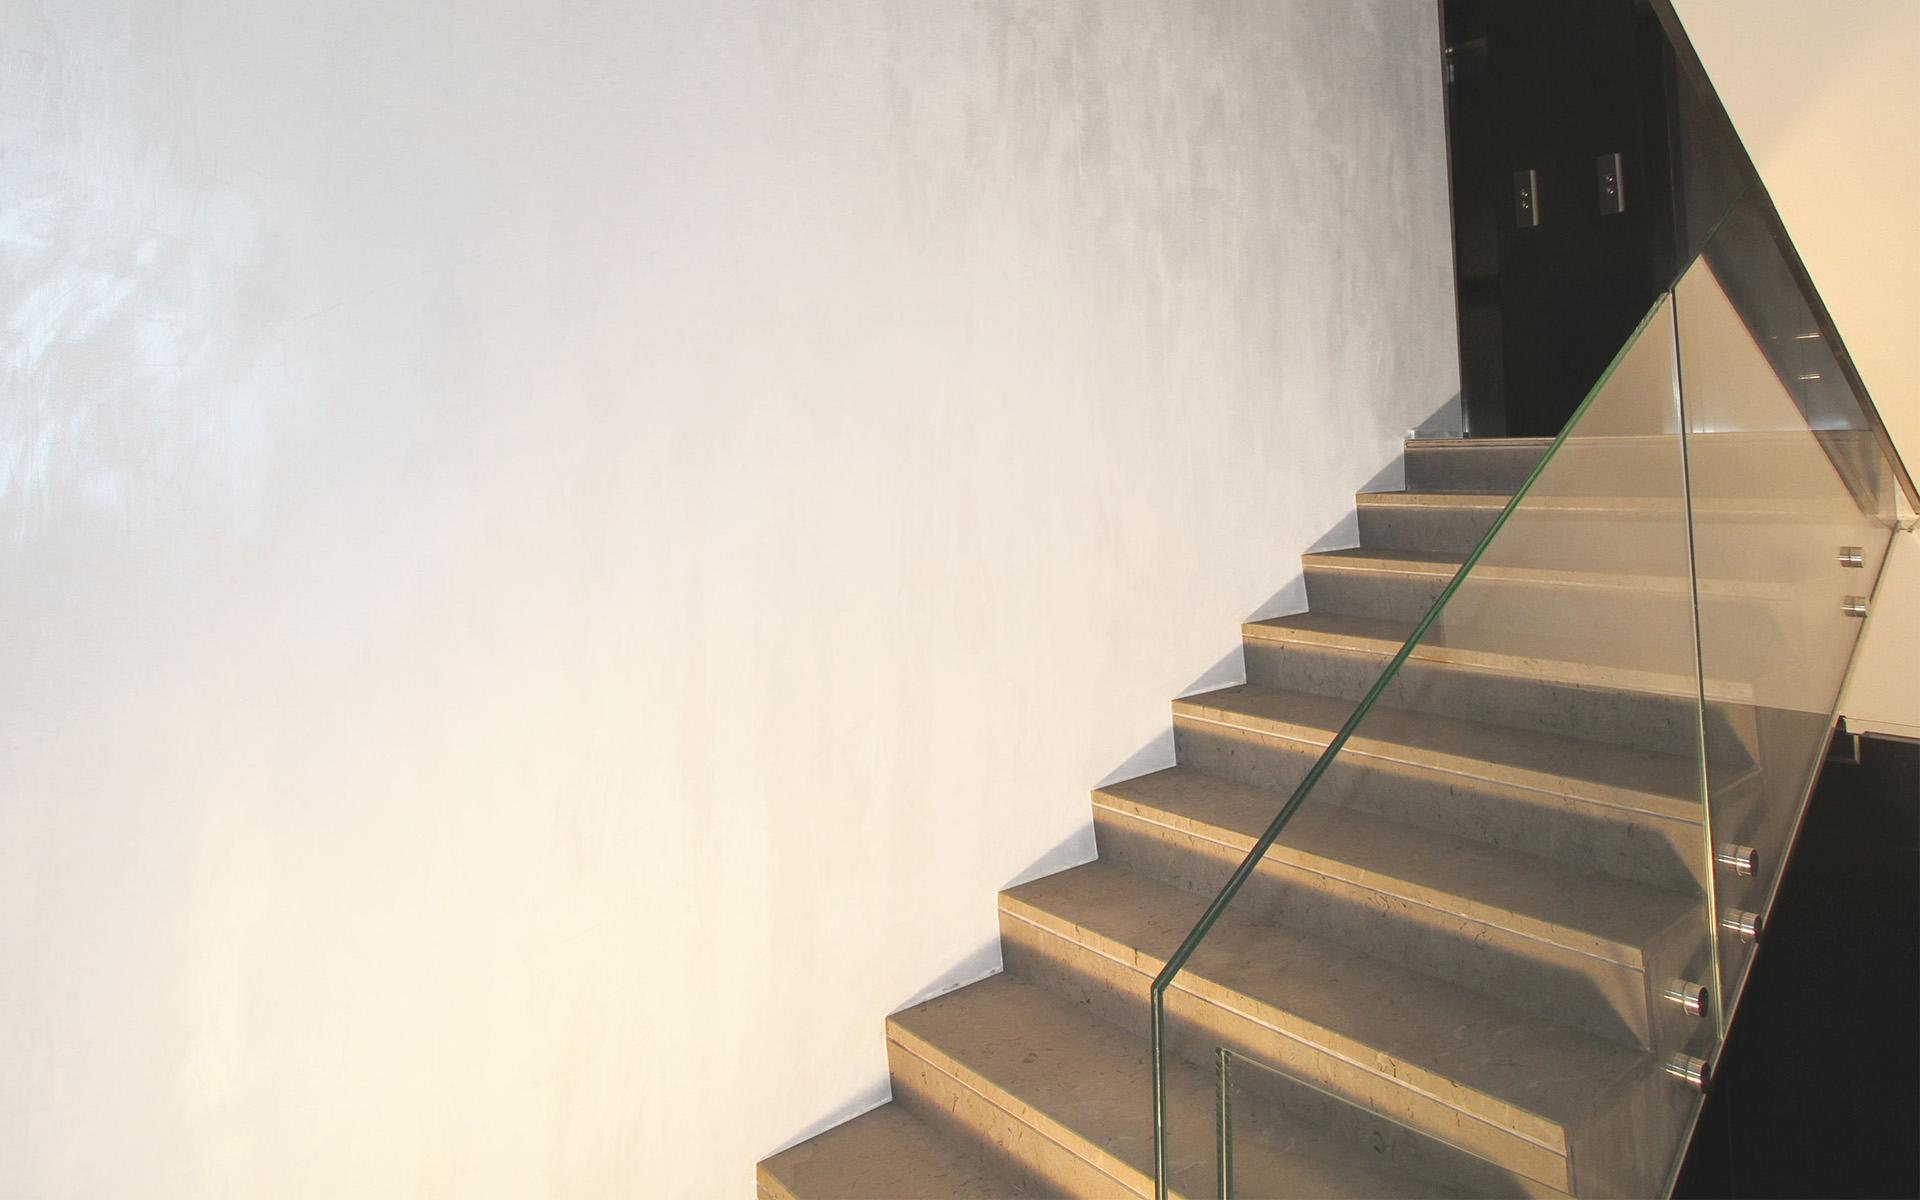 Pittura Pareti Effetto Seta : Tecniche di pittura pareti sabbiato con pareti di casa effetto